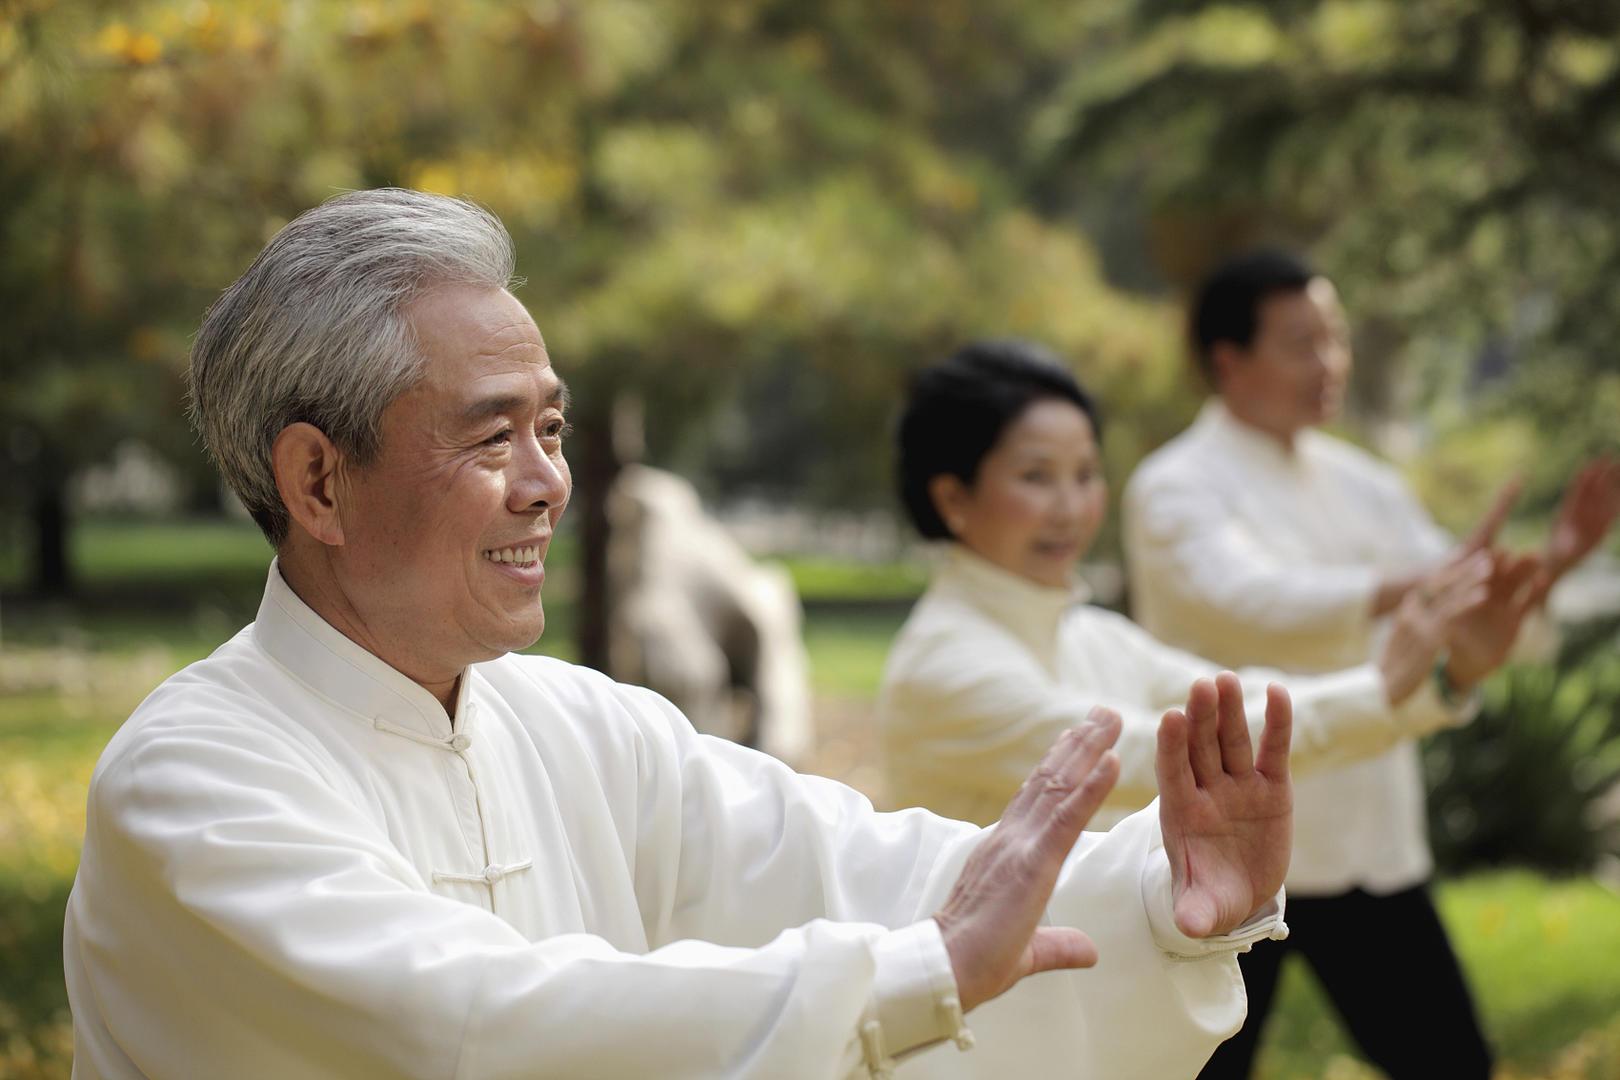 四川十年医改:人均期望寿命 从73.93岁提高到77.1岁